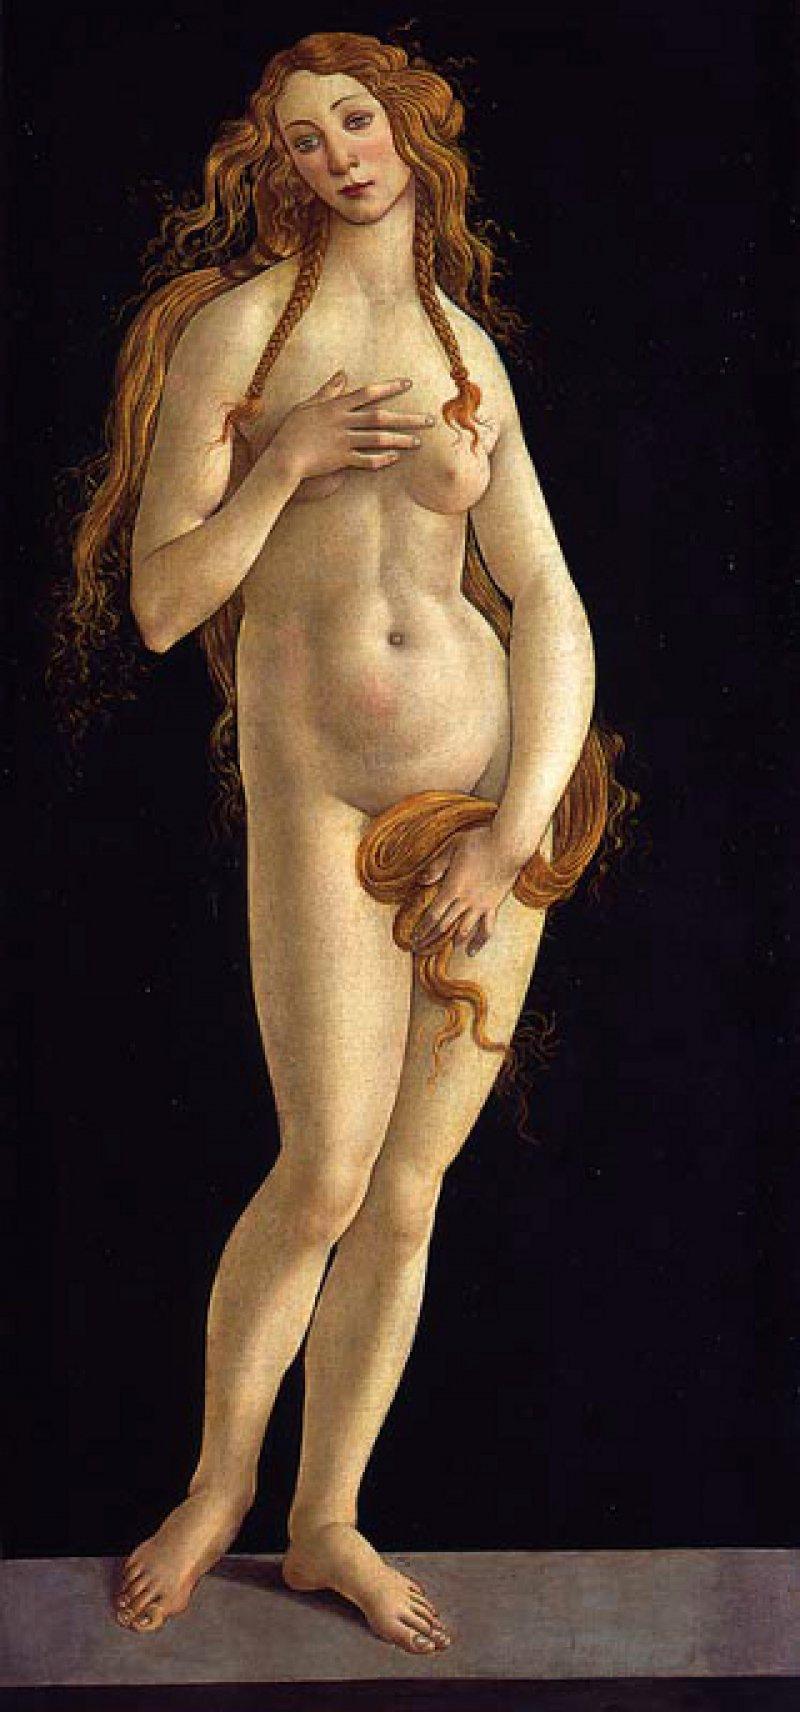 """Sandro Botticelli: """"Venus"""", 1490, Öl/Tempera auf Leinwand, 158,1 × 68,5 cm: Eine nackte junge Frau präsentiert sich fast in Lebensgröße frontal dem Betrachter. Mit ihrer rechten Hand bedeckt sie eine Brust. Ihre andere Hand, die in einen Strang ihres langen, gewellten Haars greift, verbirgt ihre Scham. Der dunkle Bildhintergrund lässt ihr träumerisch in sich gekehrtes Gesicht und ihren alabasterfarbenen Körper skulptural hervortreten. Mit der Liebesgöttin schuf Botticelli Ende des 15. Jahrhunderts den ersten lebensgroßen Akt in der Malerei. Foto: Staatliche Museen zu Berlin/Jörg P. Anders"""